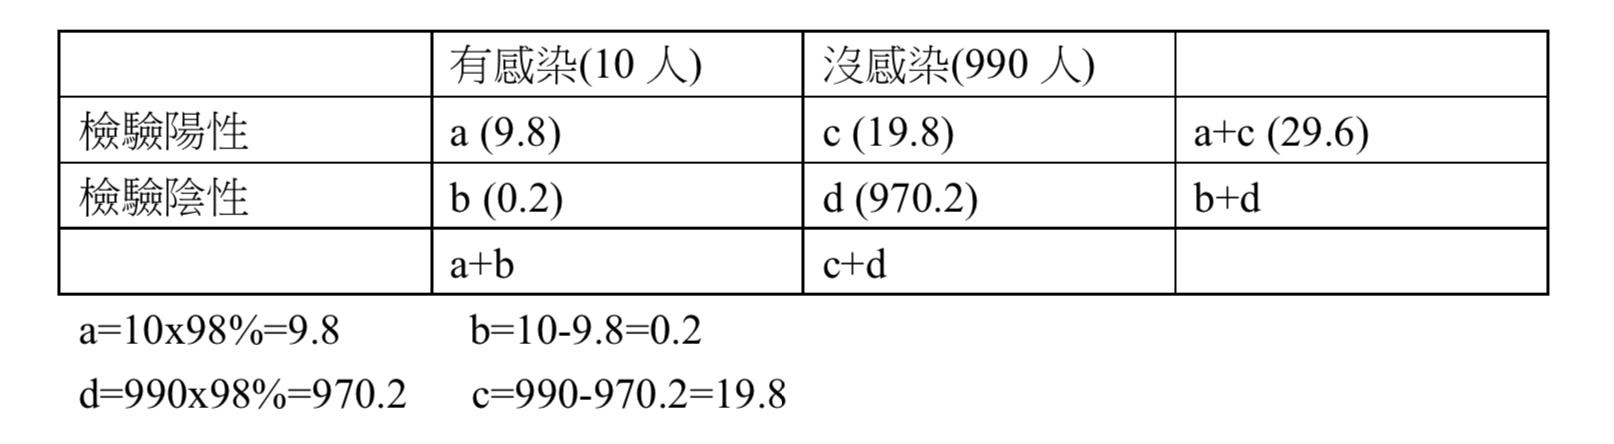 低風險地區換算表。(表3)